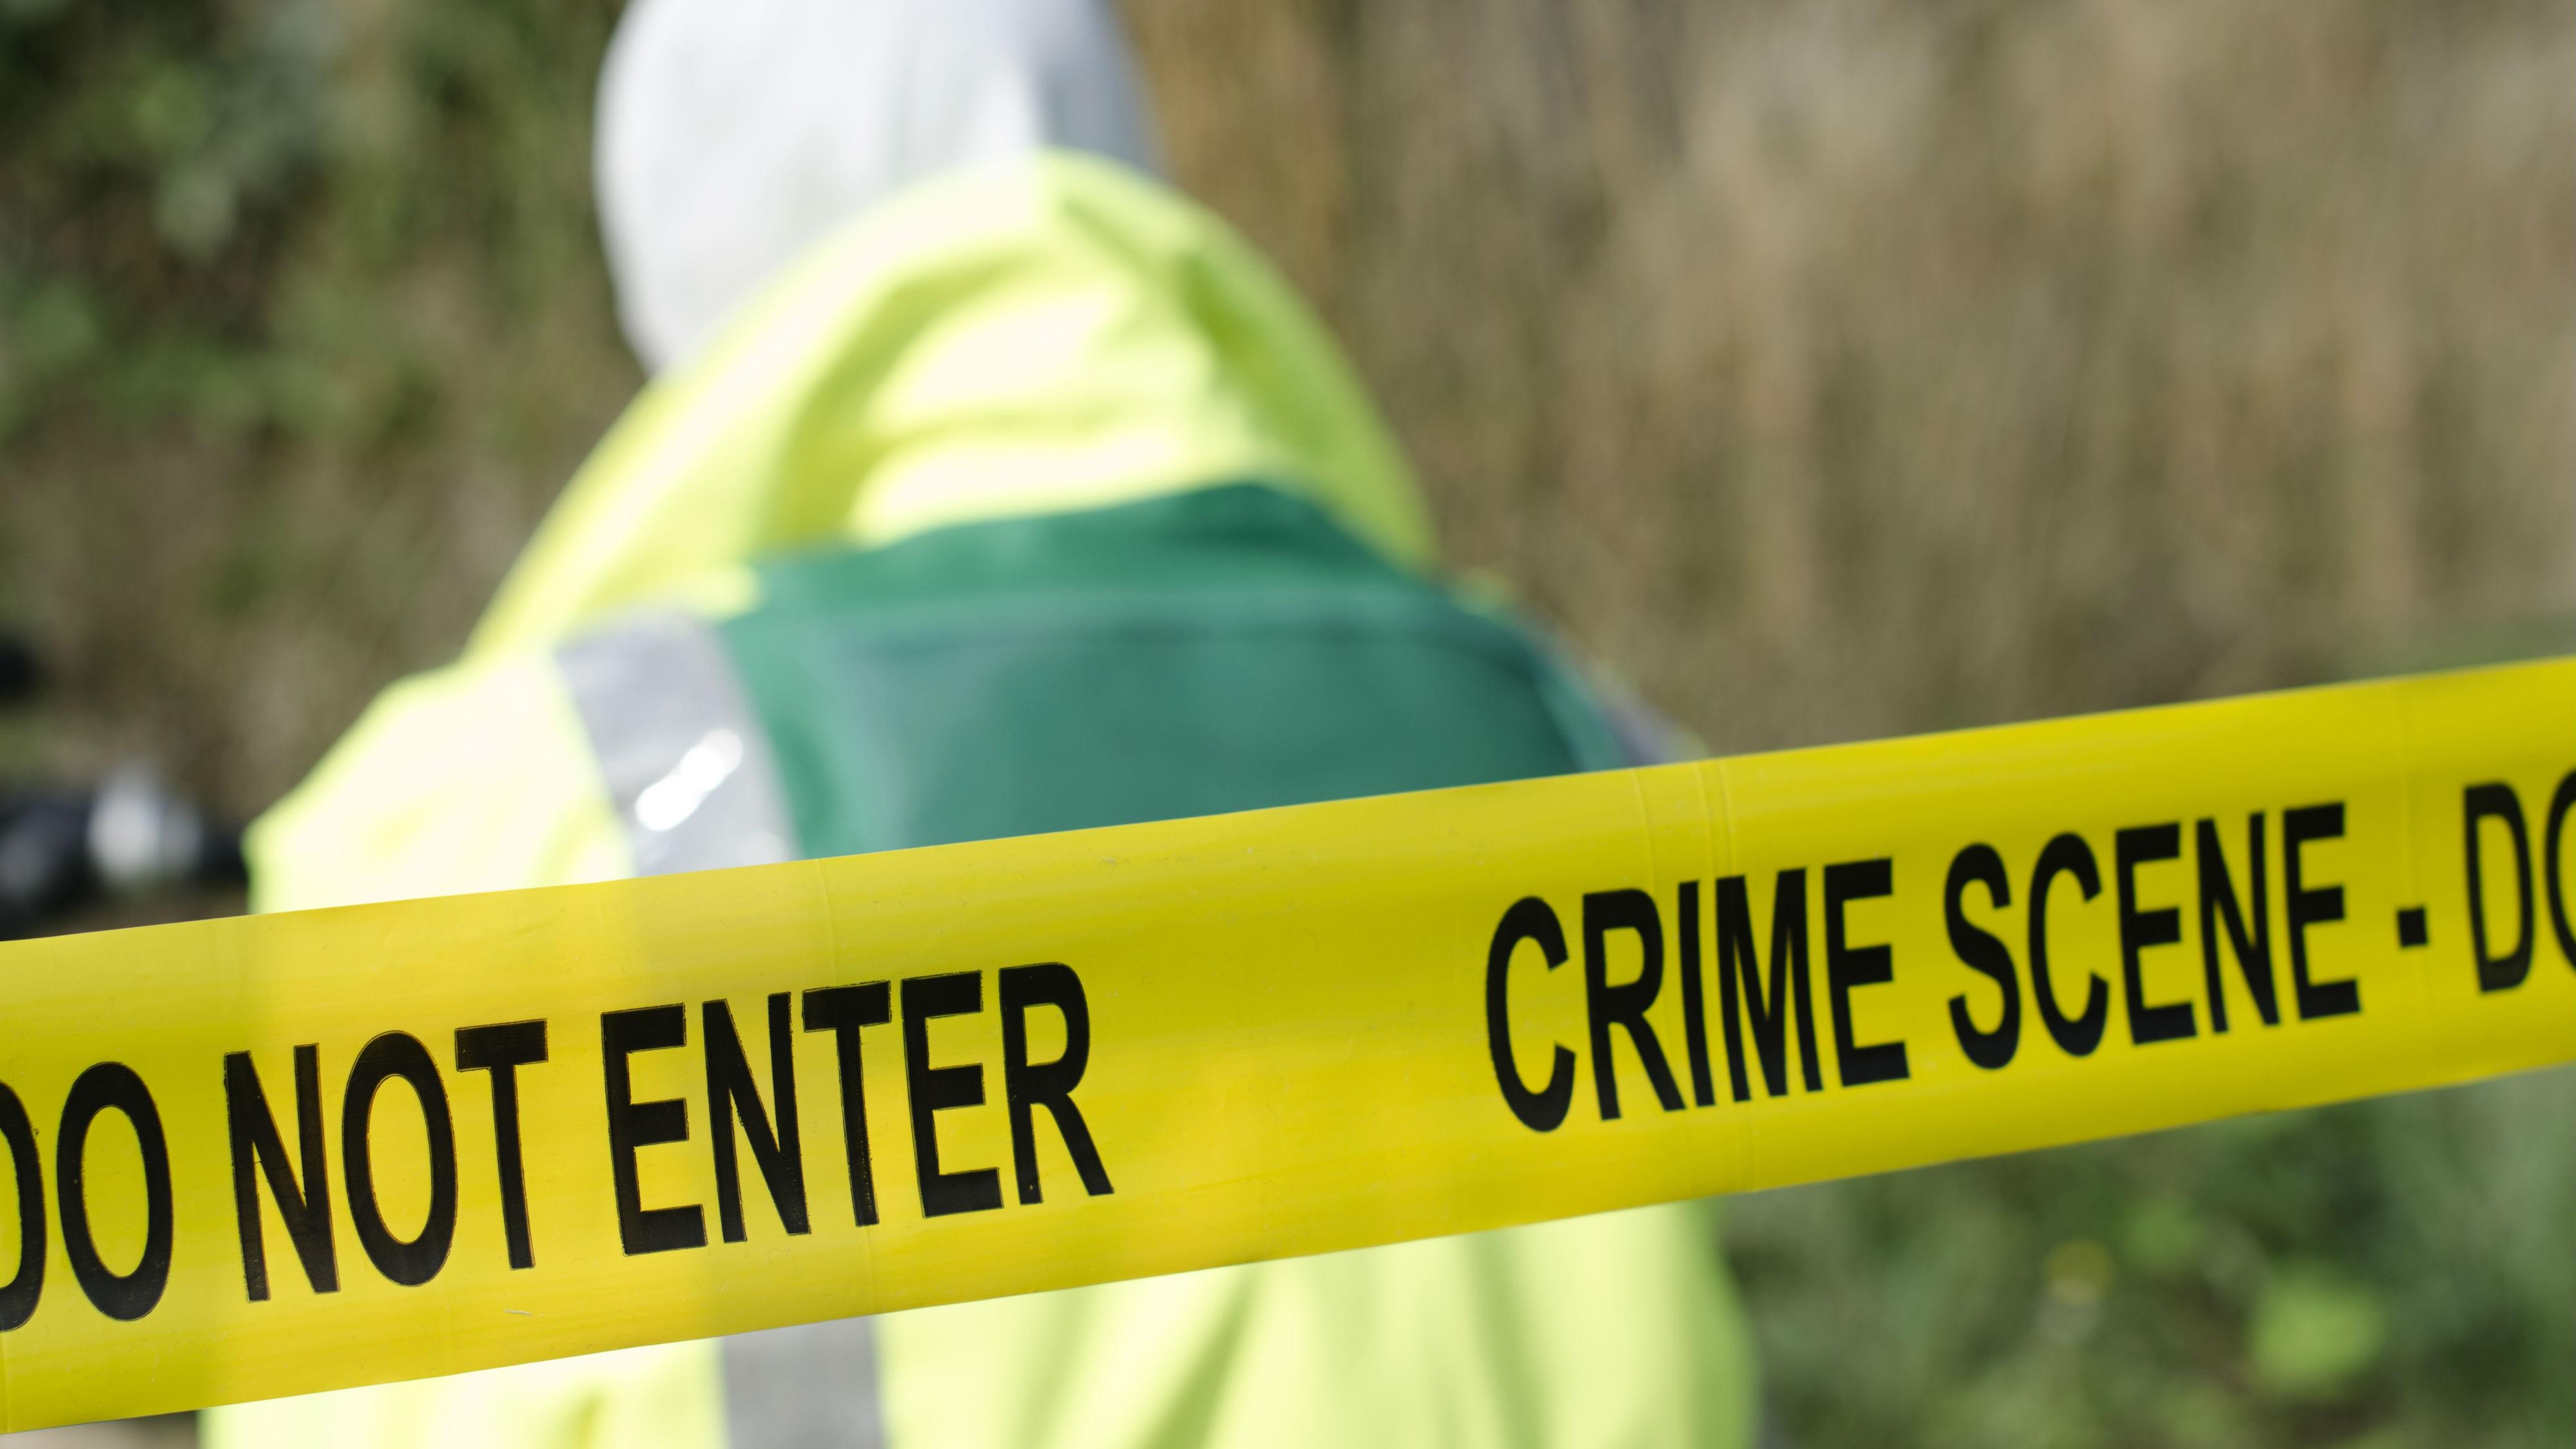 P1 Dokumentar: True Crime